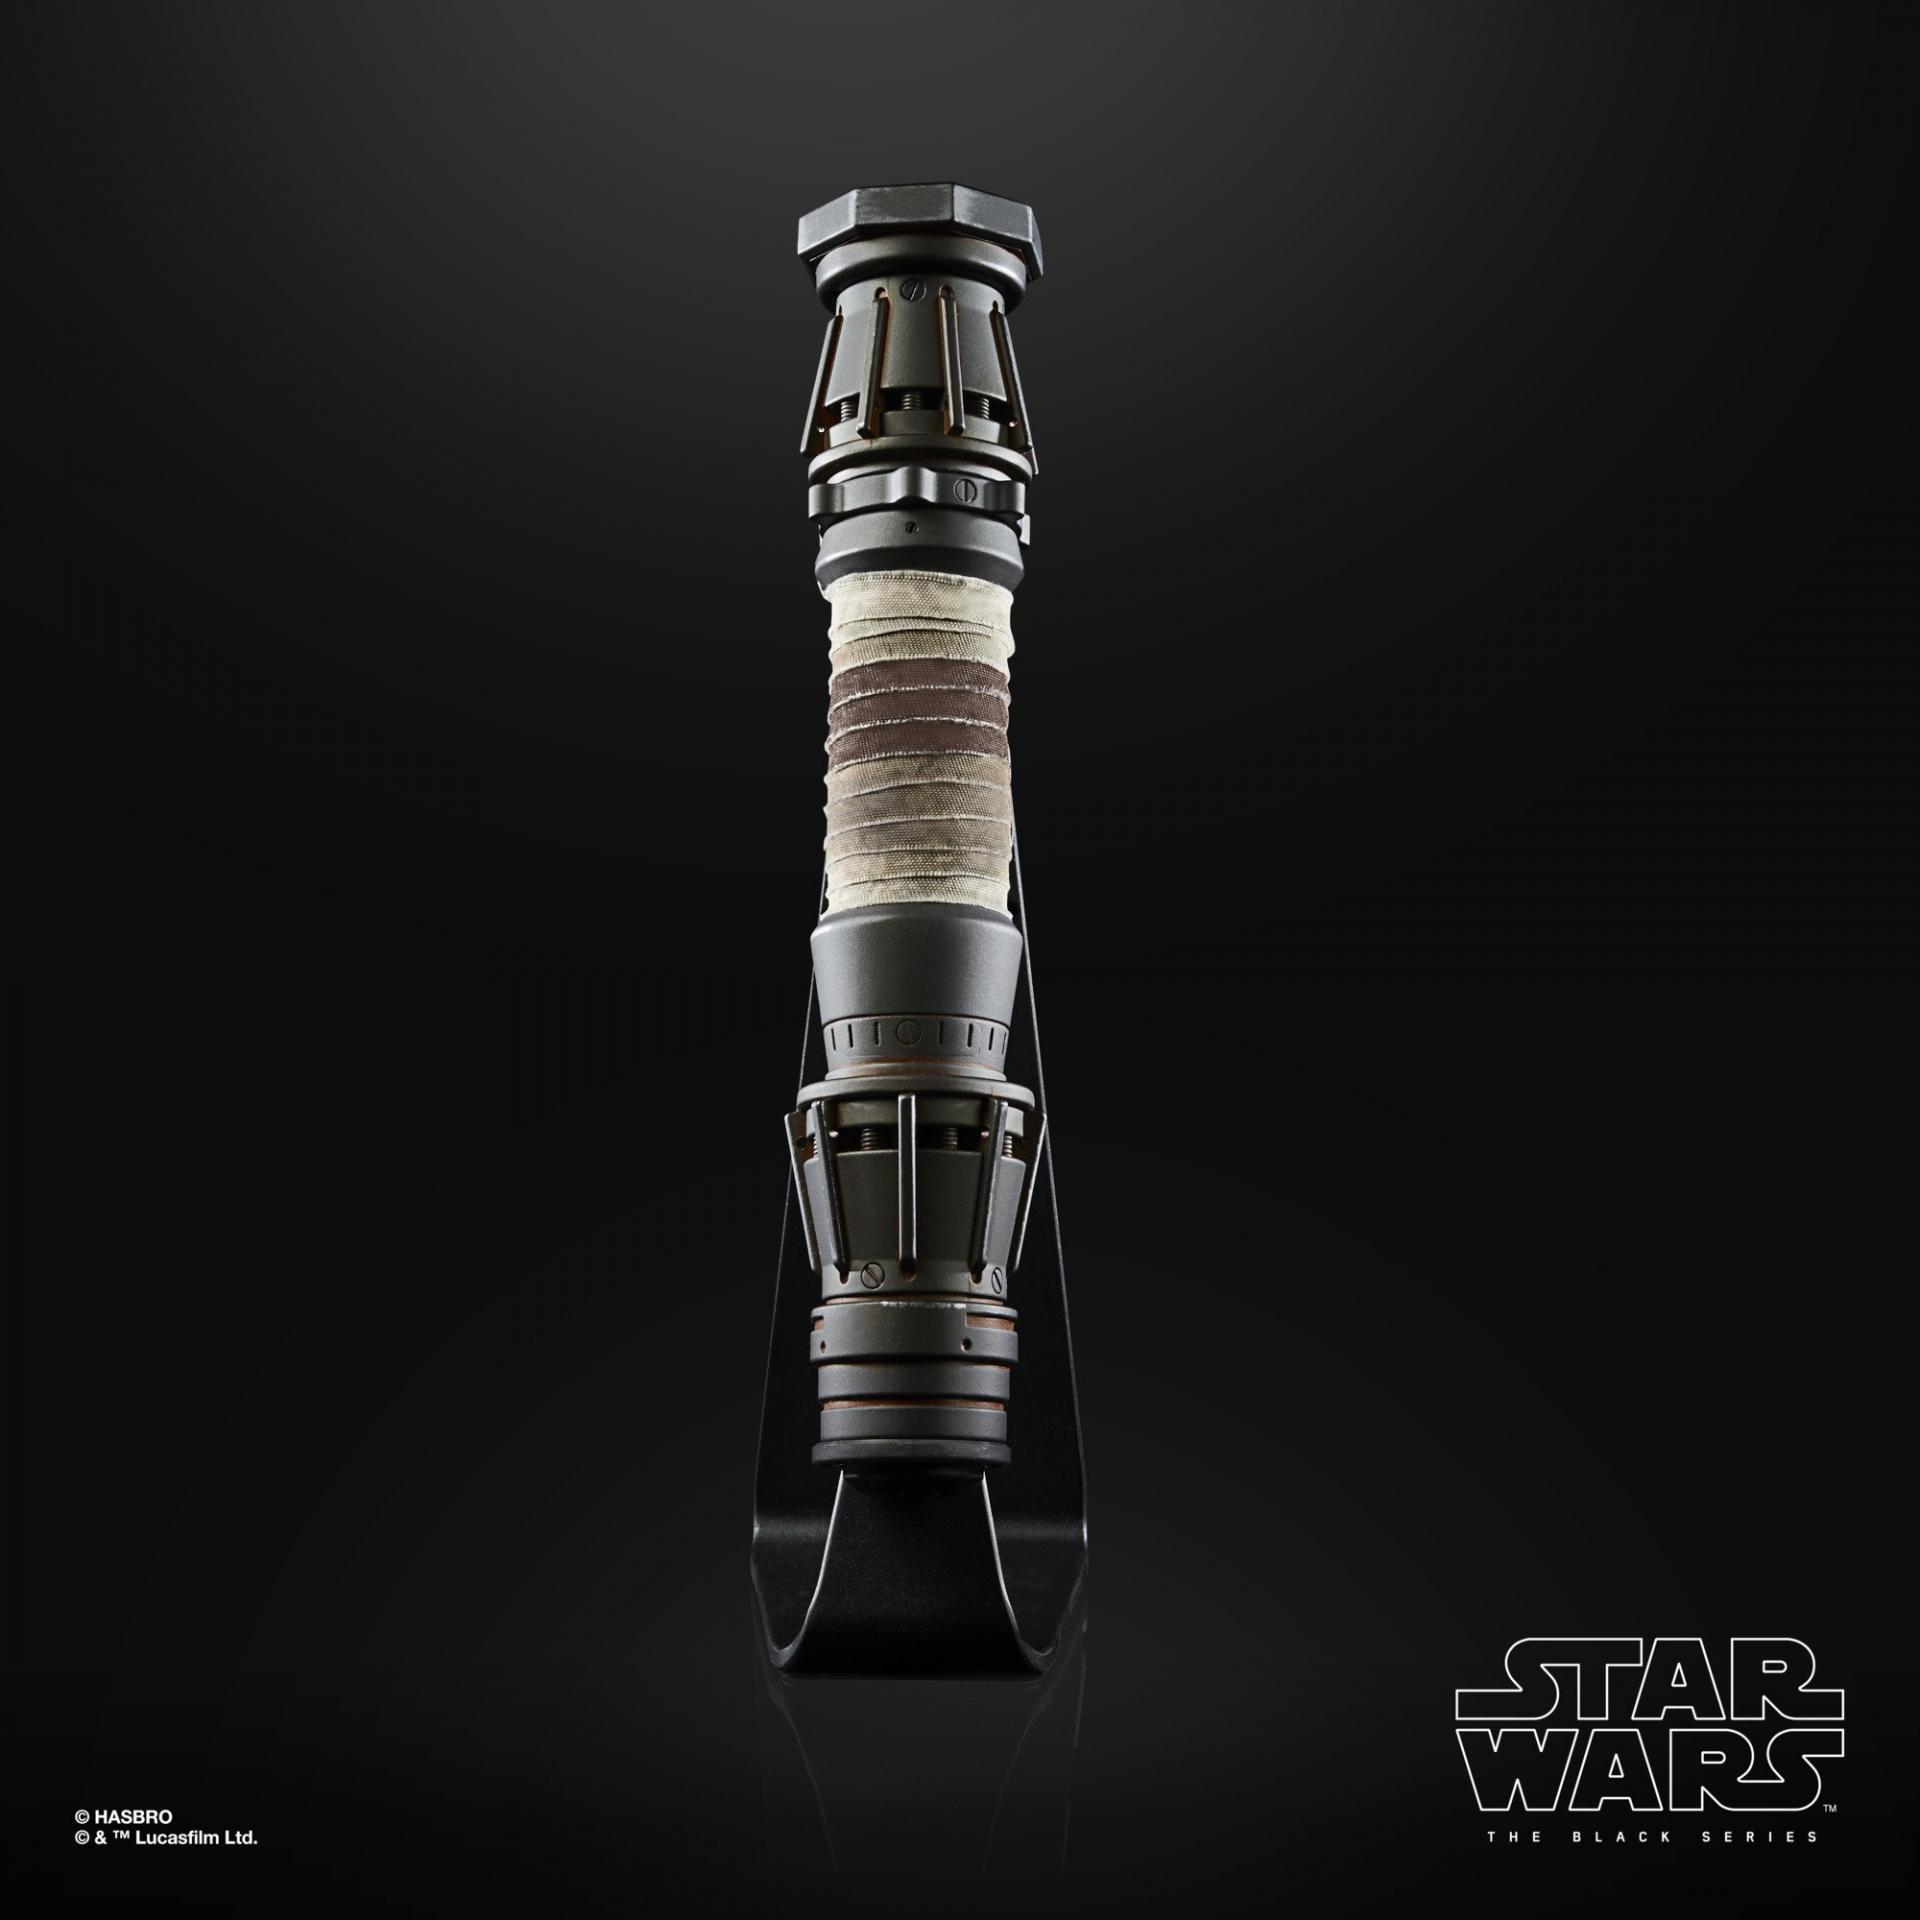 Star wars the black series rey skywalker force fx elite lightsaber5